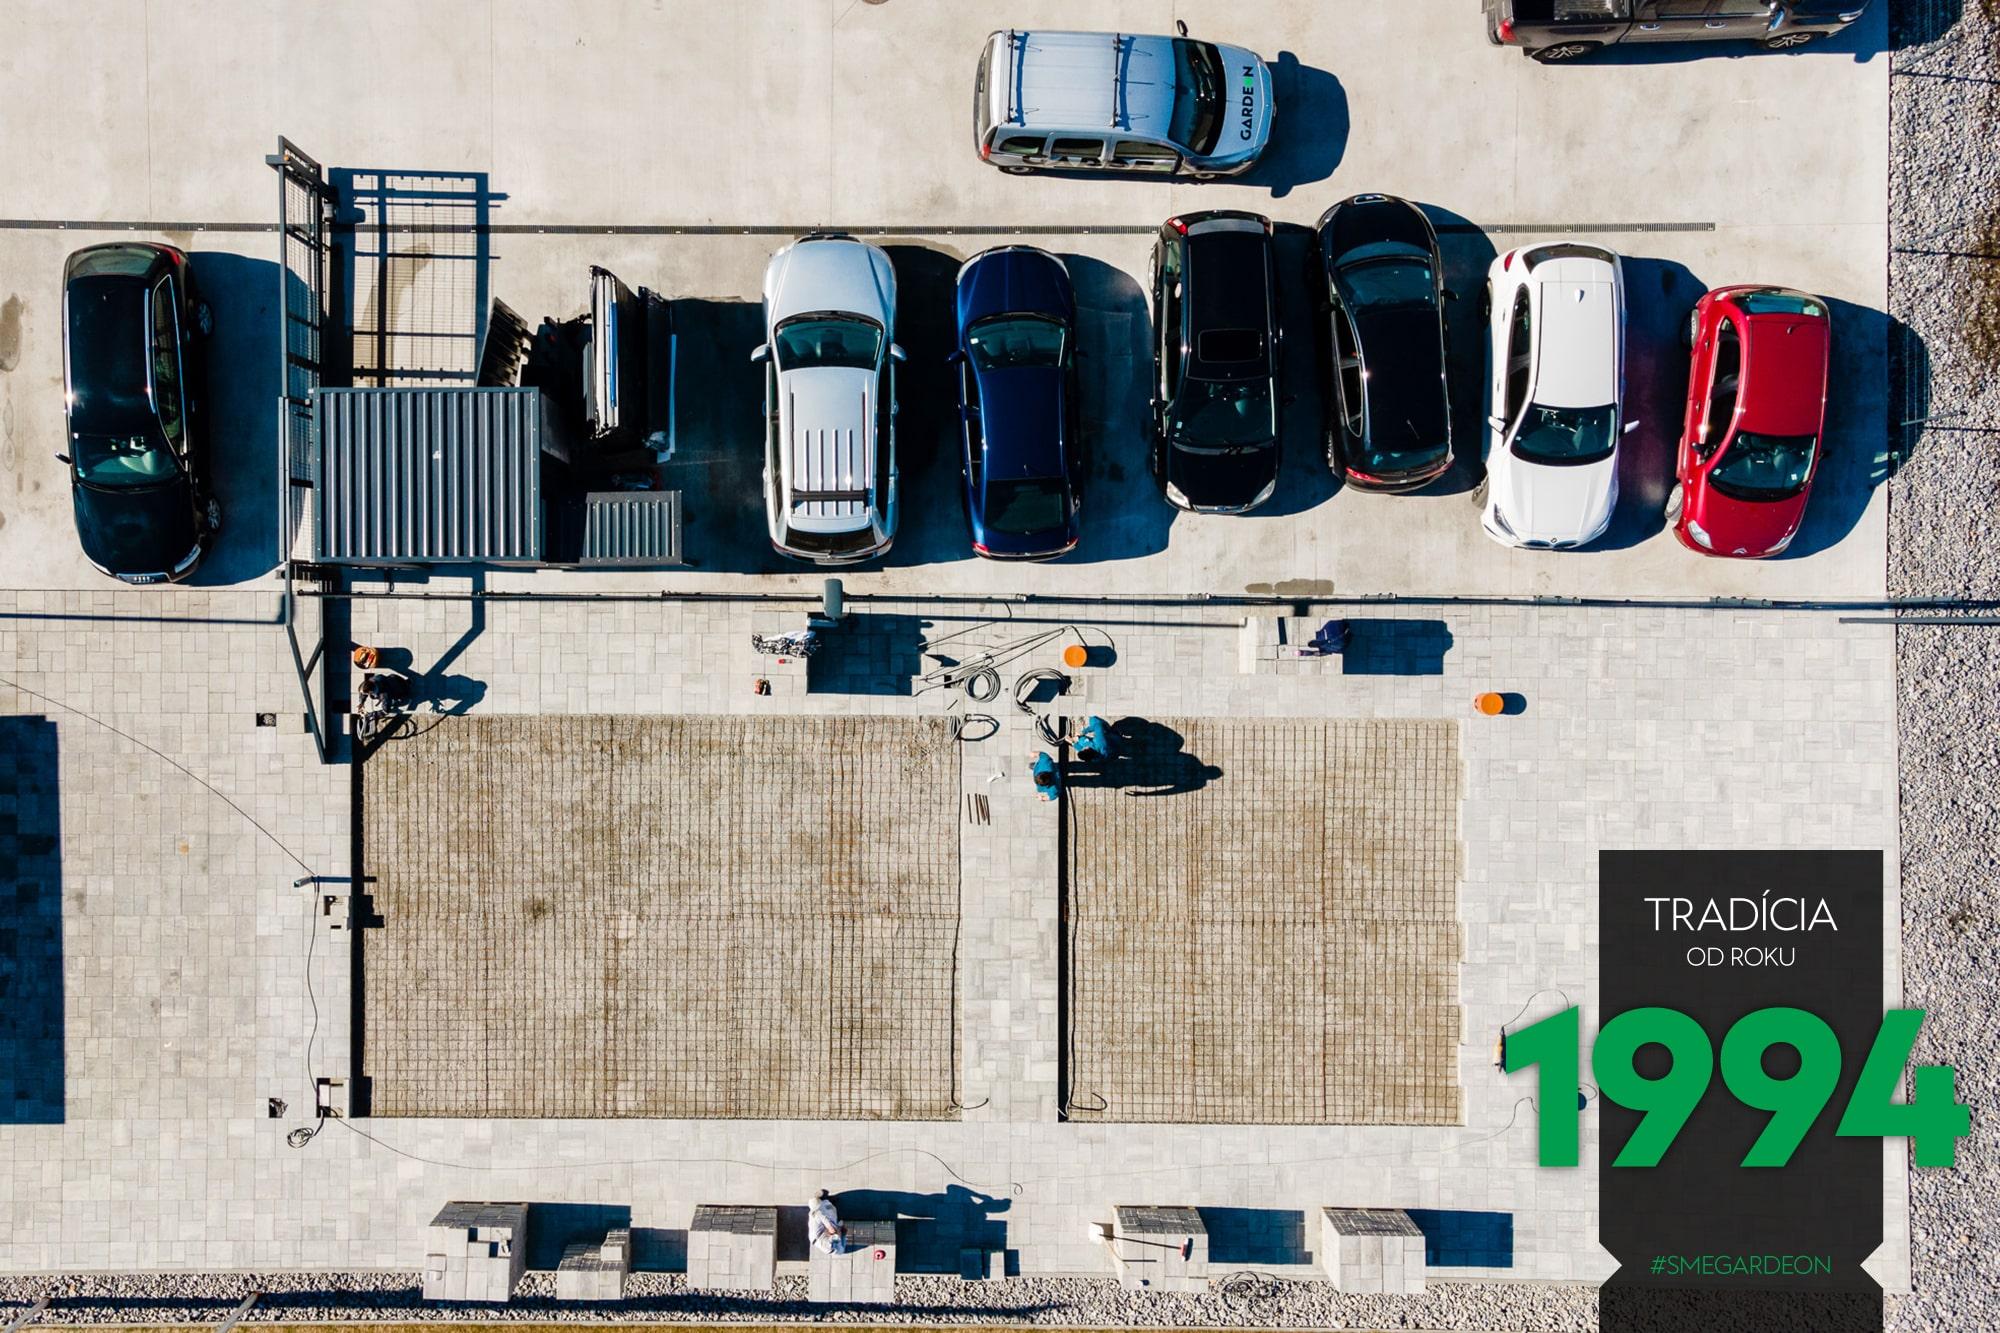 Zaparkované autá v GARDEoNe